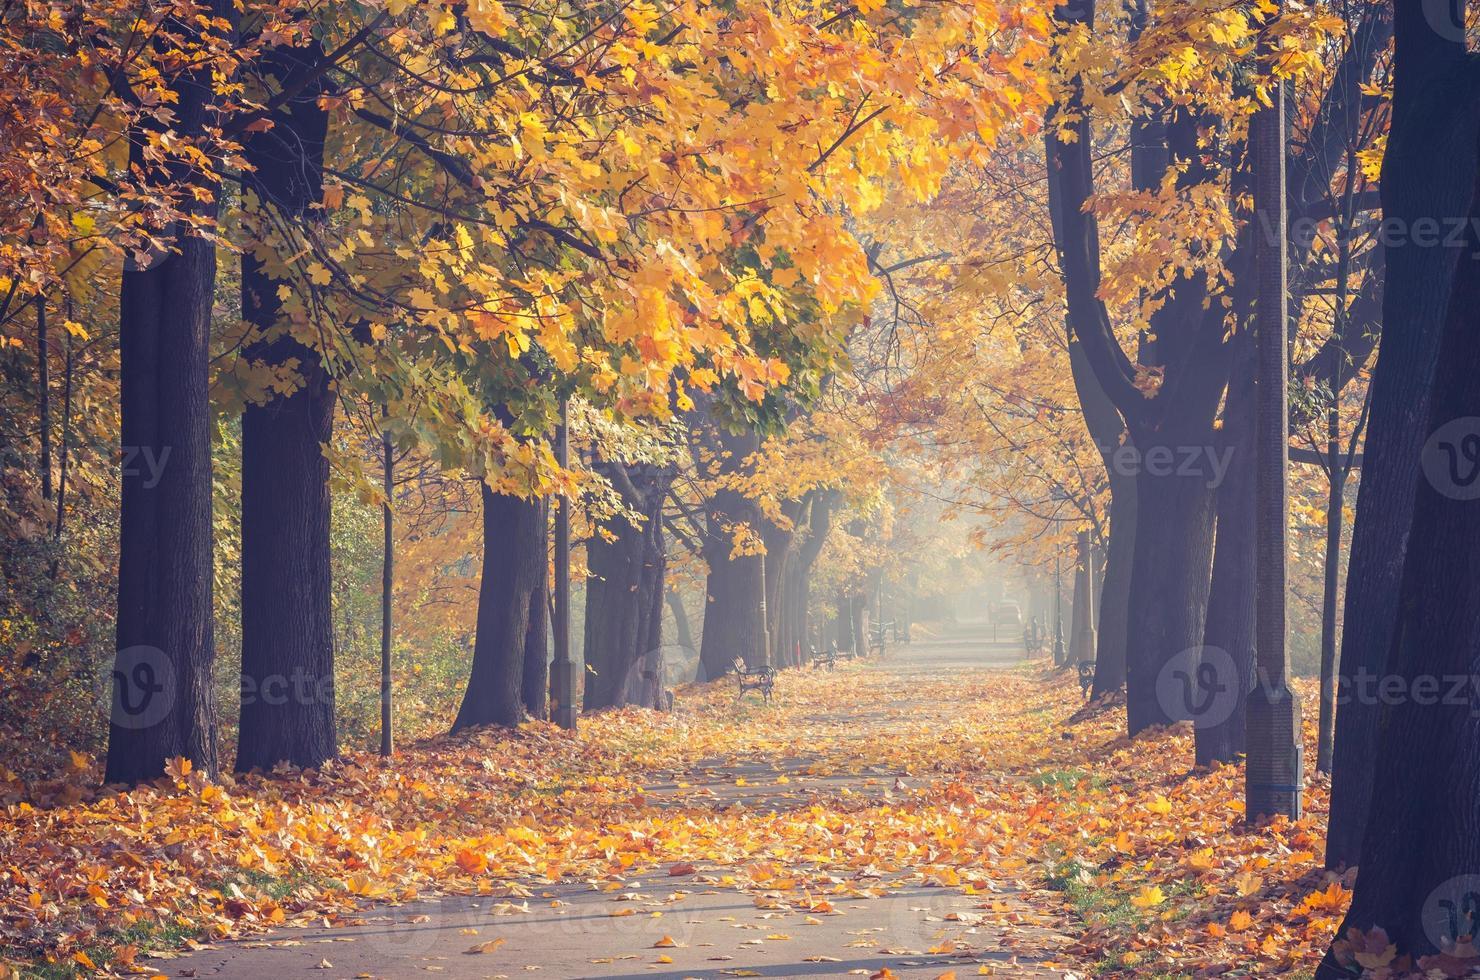 vicolo albero colorato nel parco in autunno foto